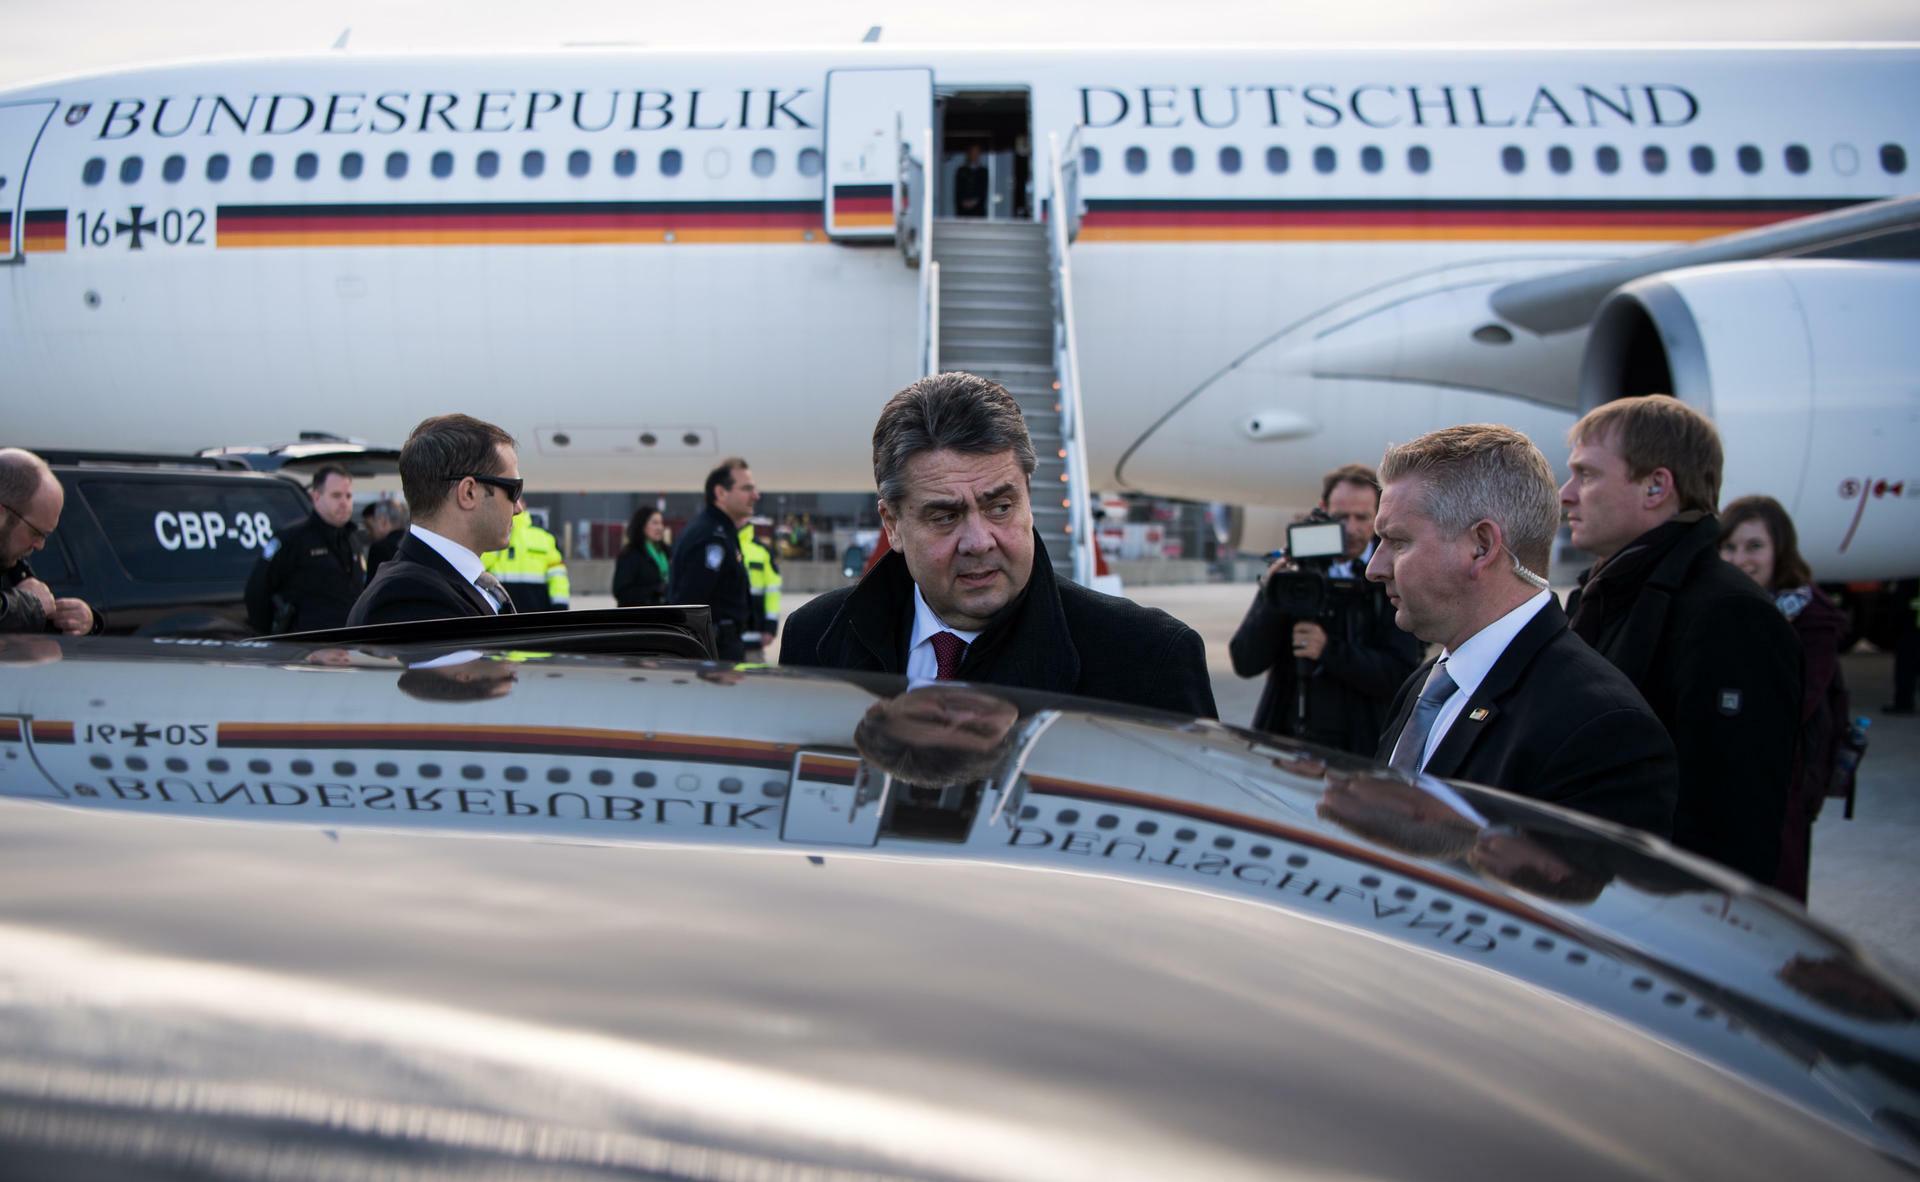 Bundesaußenminister Gabriel ist zu seinem Antrittsbesuch in Washington gelandet. Quelle: dpa